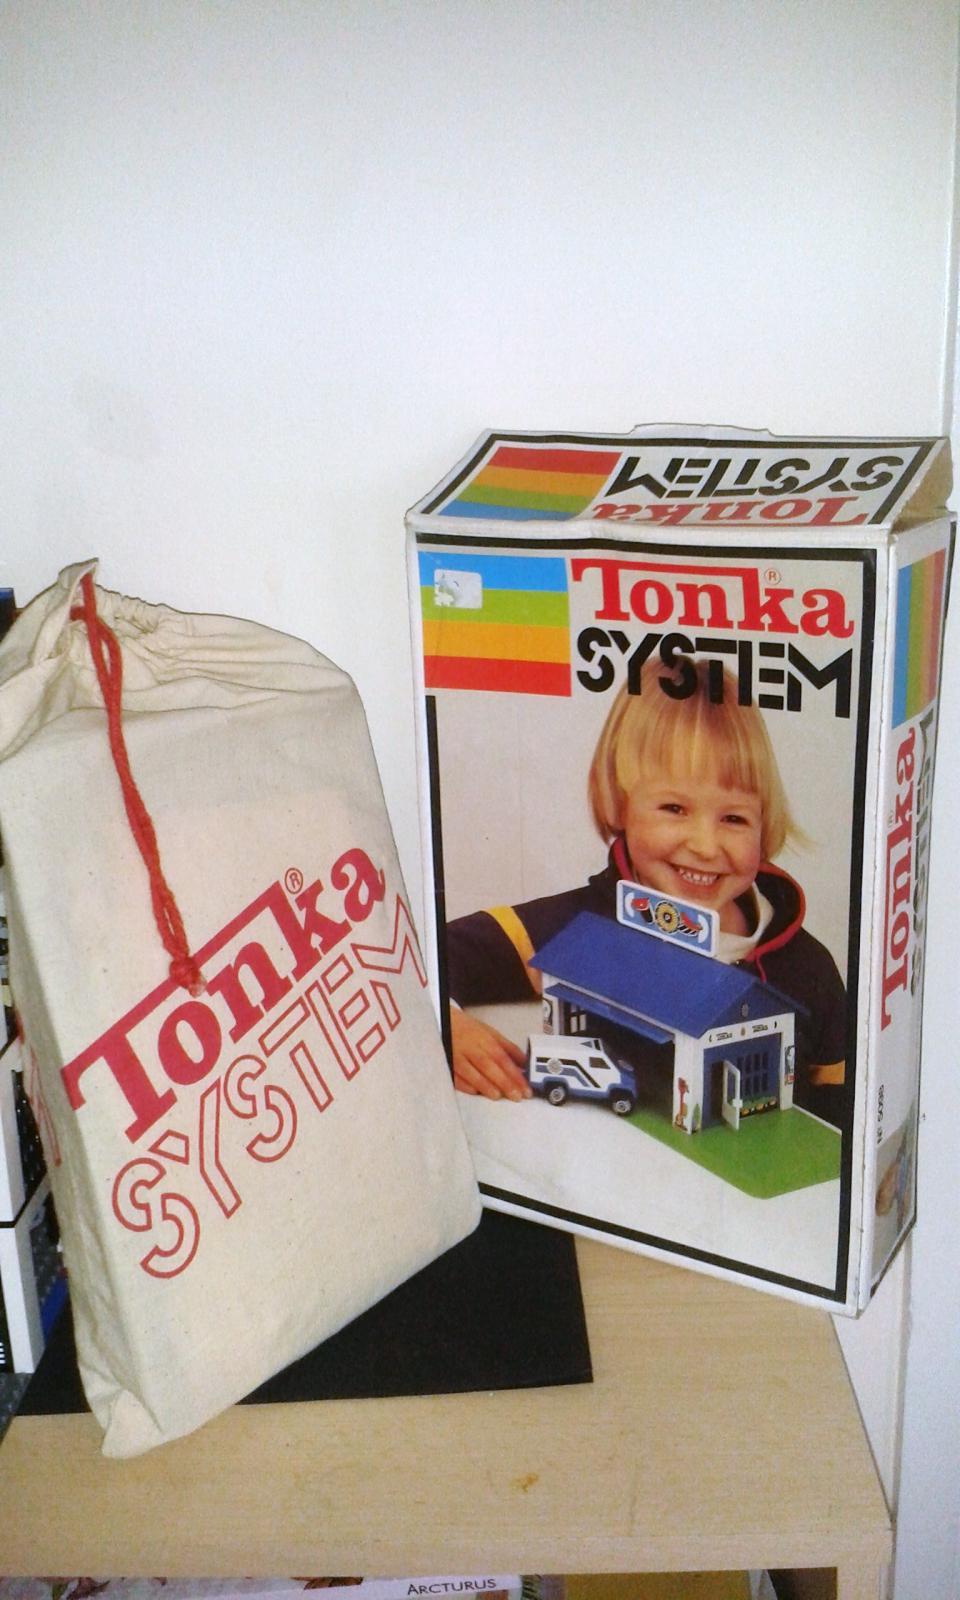 Tonka System Pol Stn bag & box.jpg